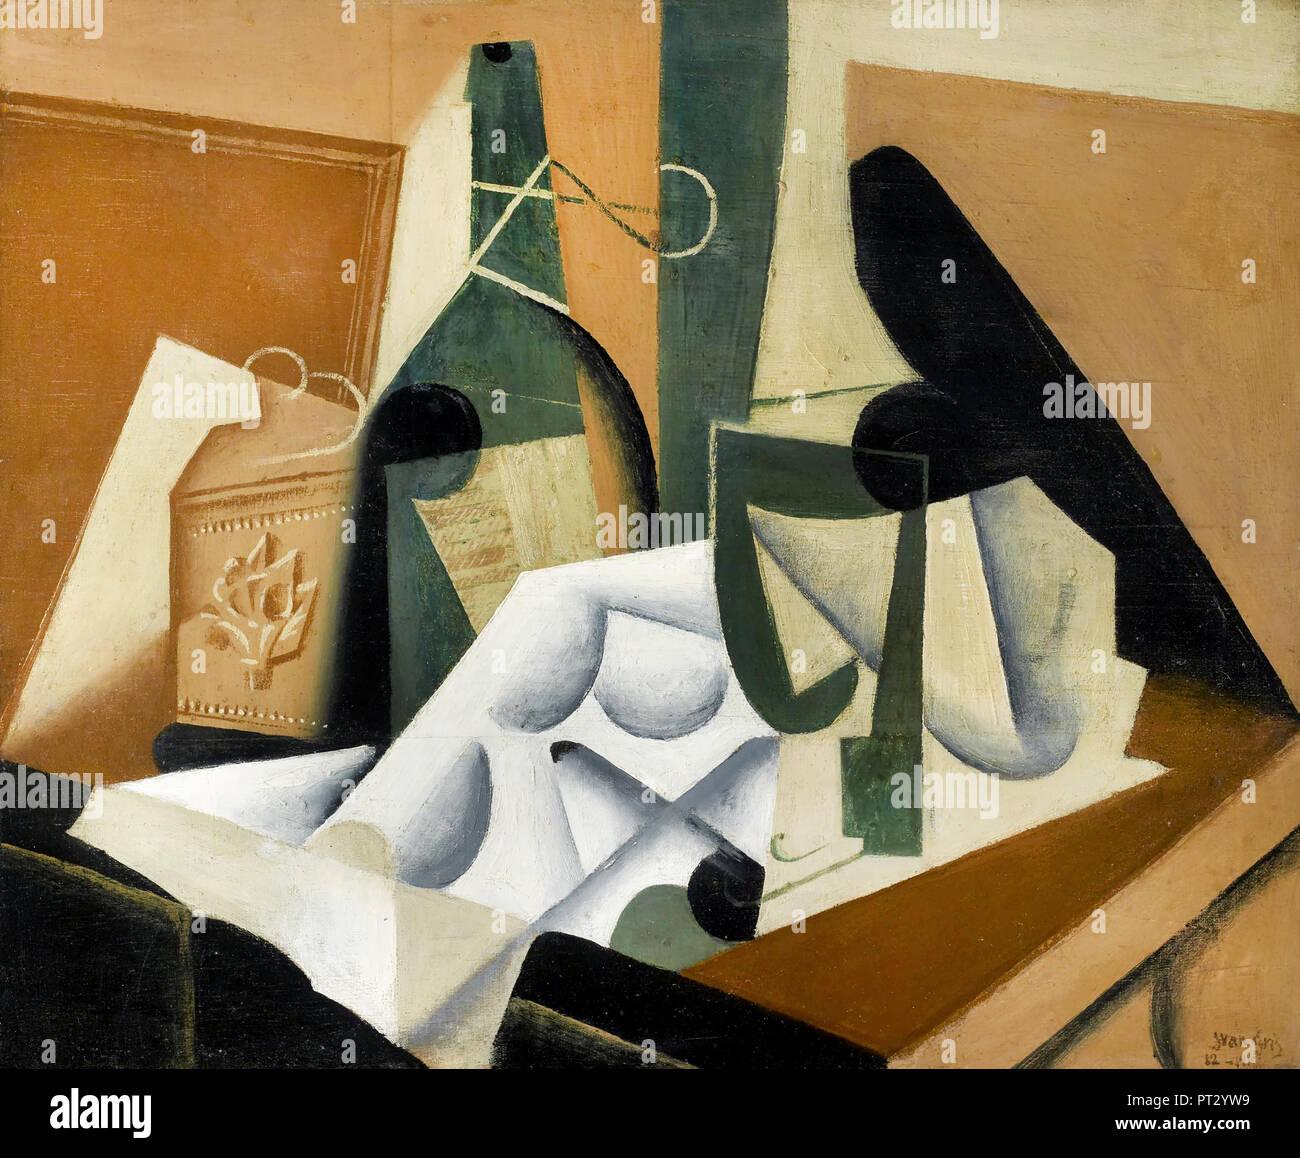 Juan Gris, el mantel blanco 1912-1916 Óleo sobre panel, Museo de Bellas Artes de Houston, TX, EE.UU. Imagen De Stock